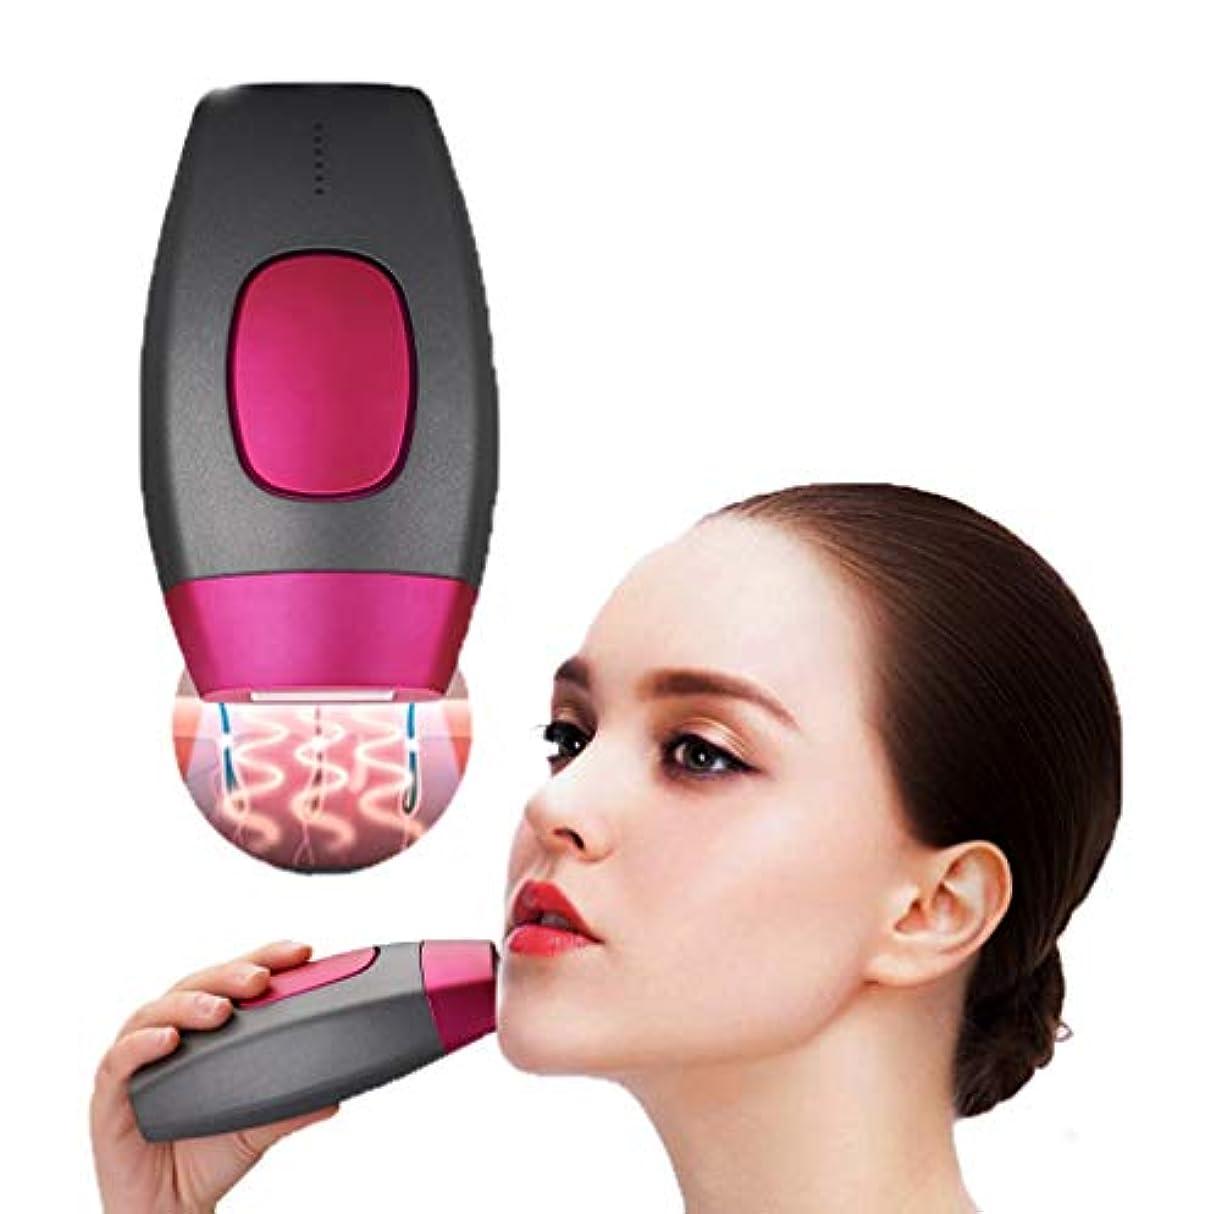 絶望的な囲まれた簡単に女性の男性の体の顔とビキニの家庭用ライトシステム痛みのない美容デバイスでのレーザー脱毛